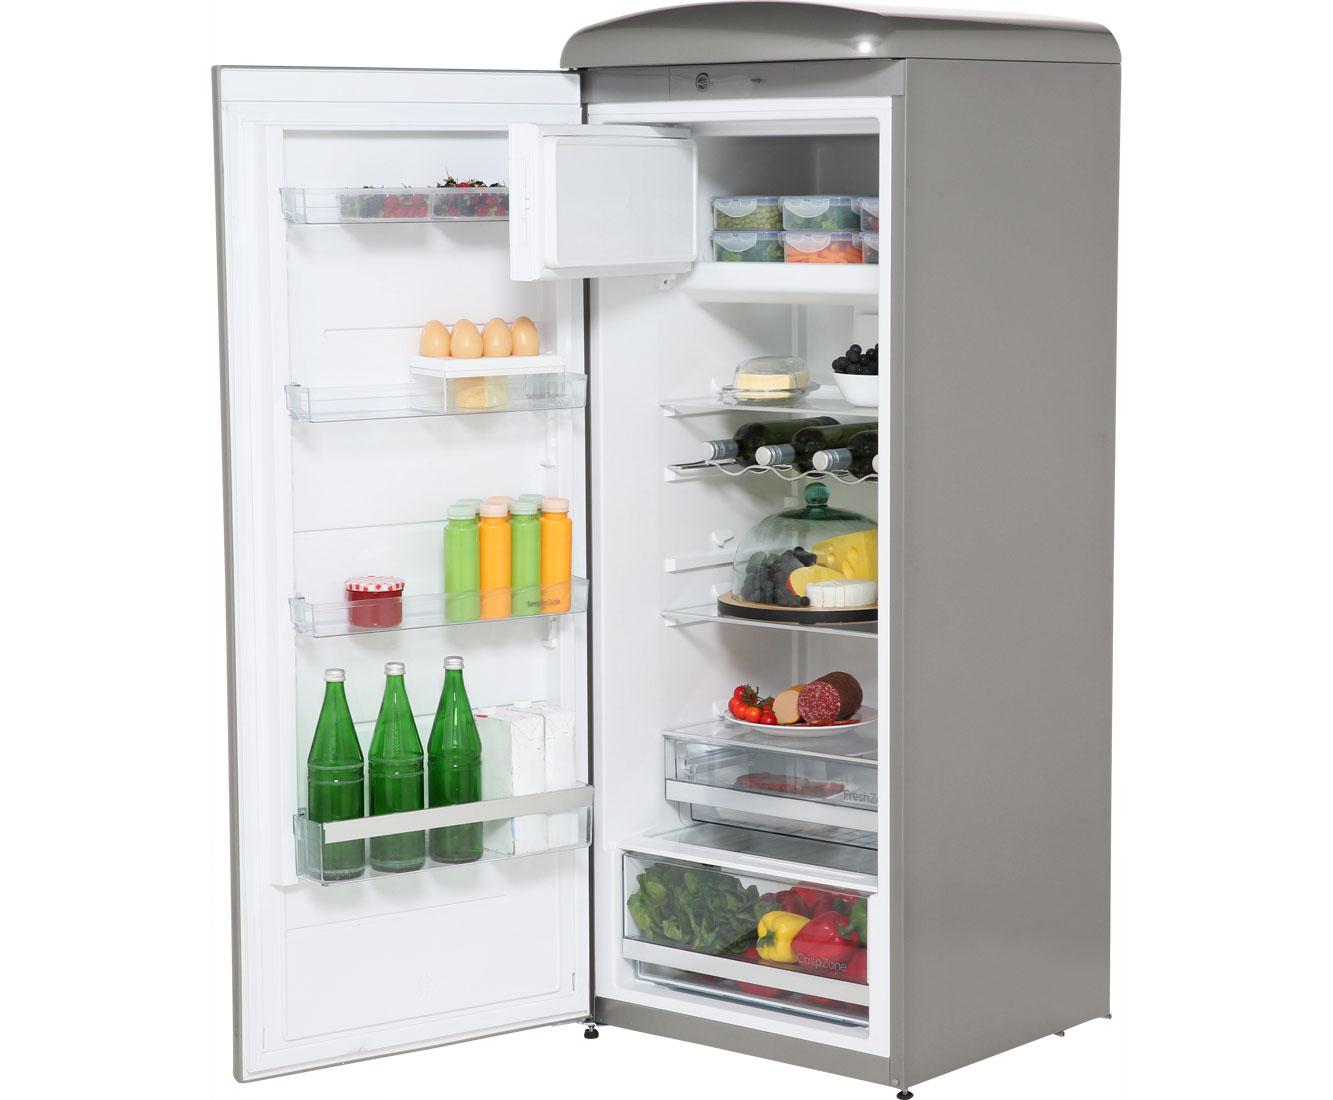 Gorenje Kühlschrank Mint : Schöne kühlschränke kleine küche mit kühlschrank